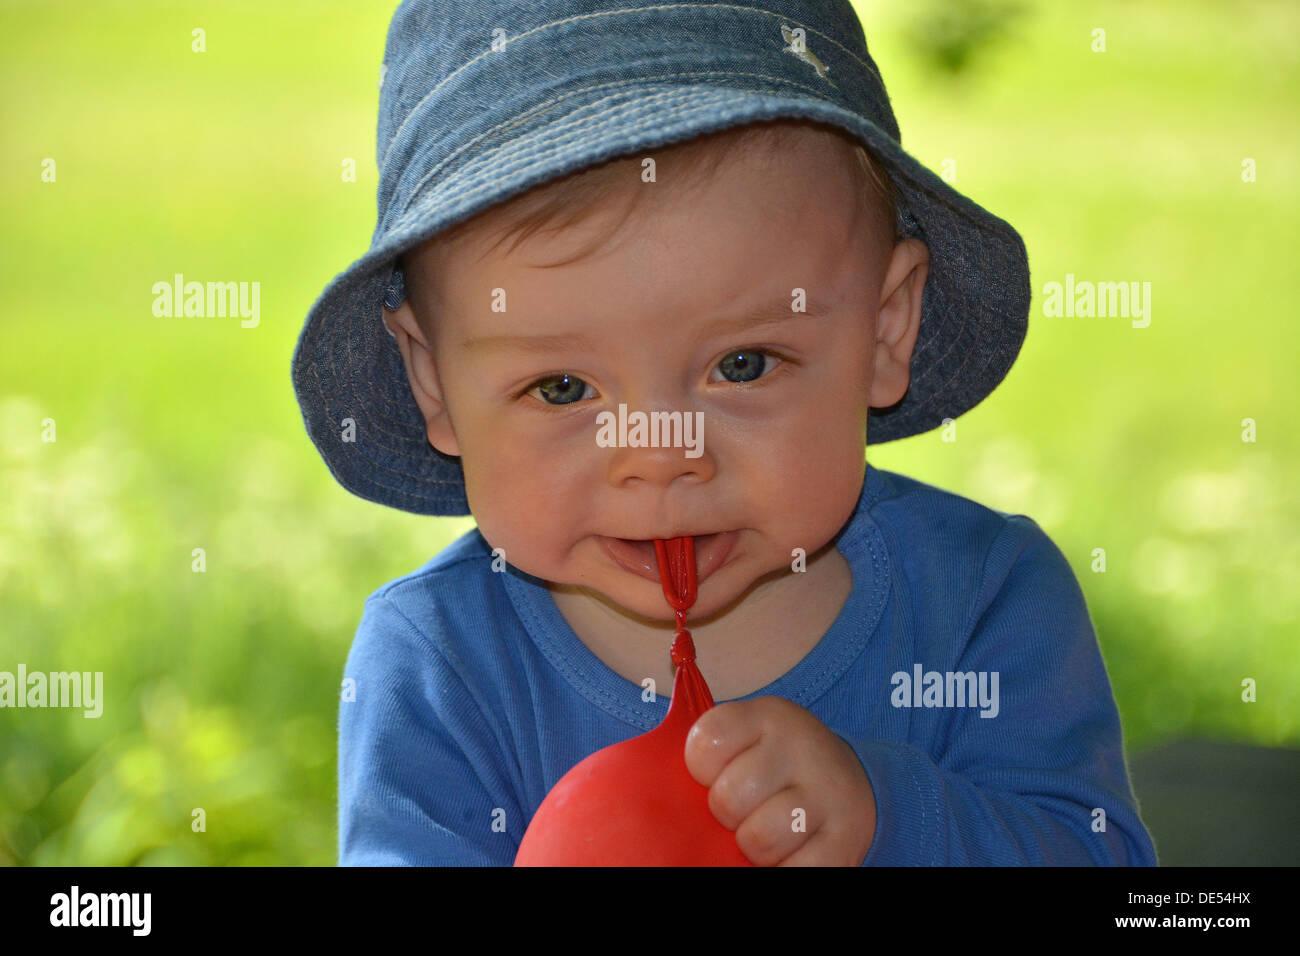 Il ragazzo, dieci mesi, giocando con un palloncino rosso all'aperto Foto Stock